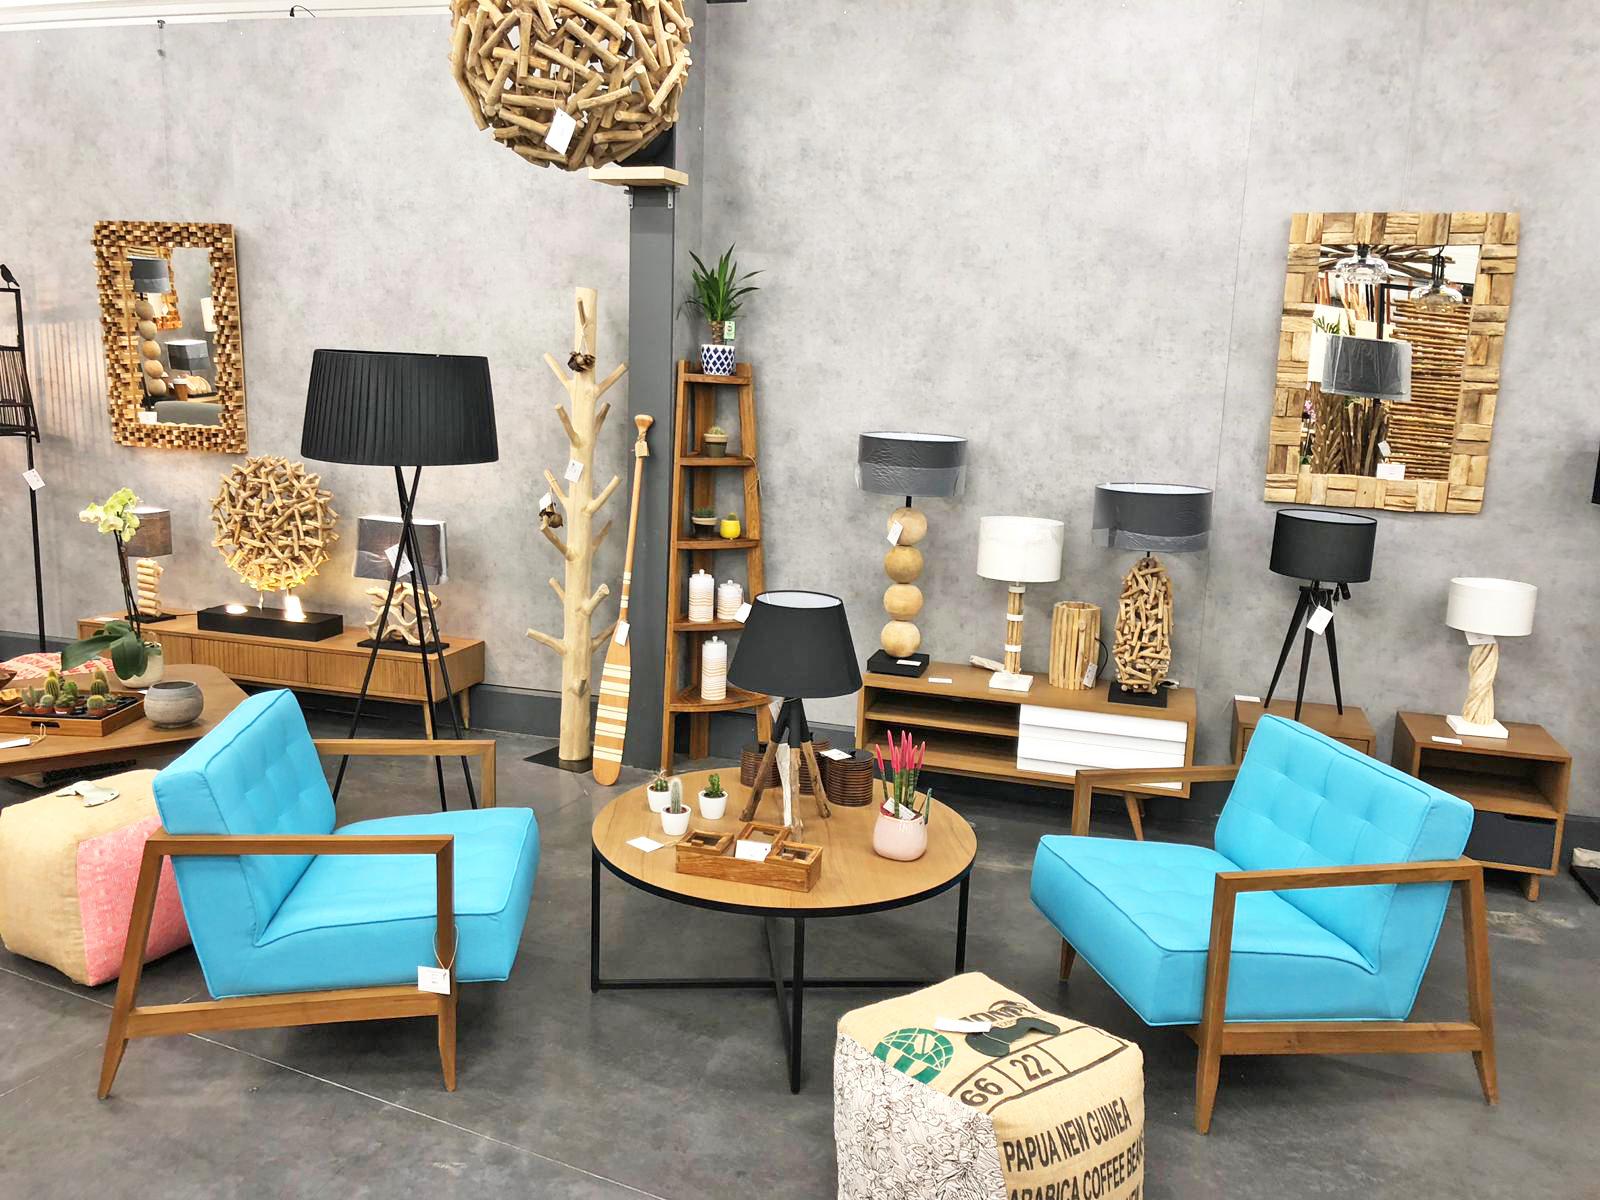 boudoir du monde meubles d coration le bruit qui court en roannais. Black Bedroom Furniture Sets. Home Design Ideas